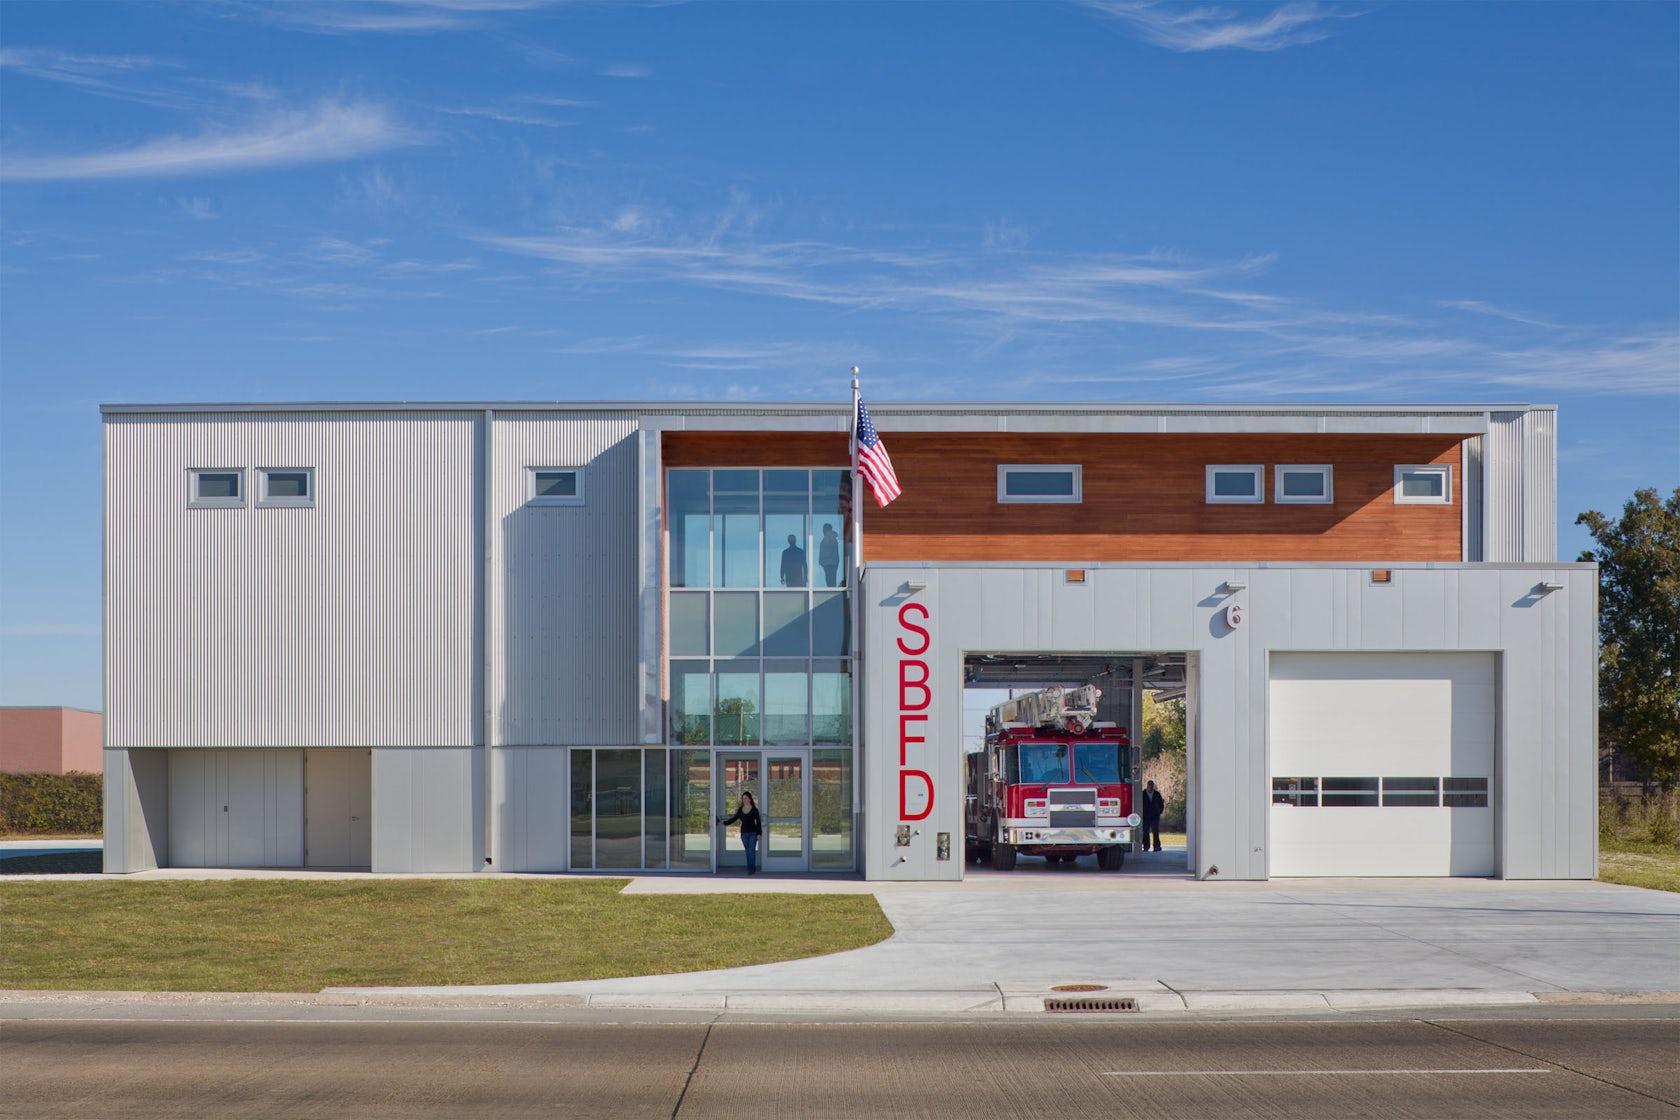 Fire Station No 6 Architizer